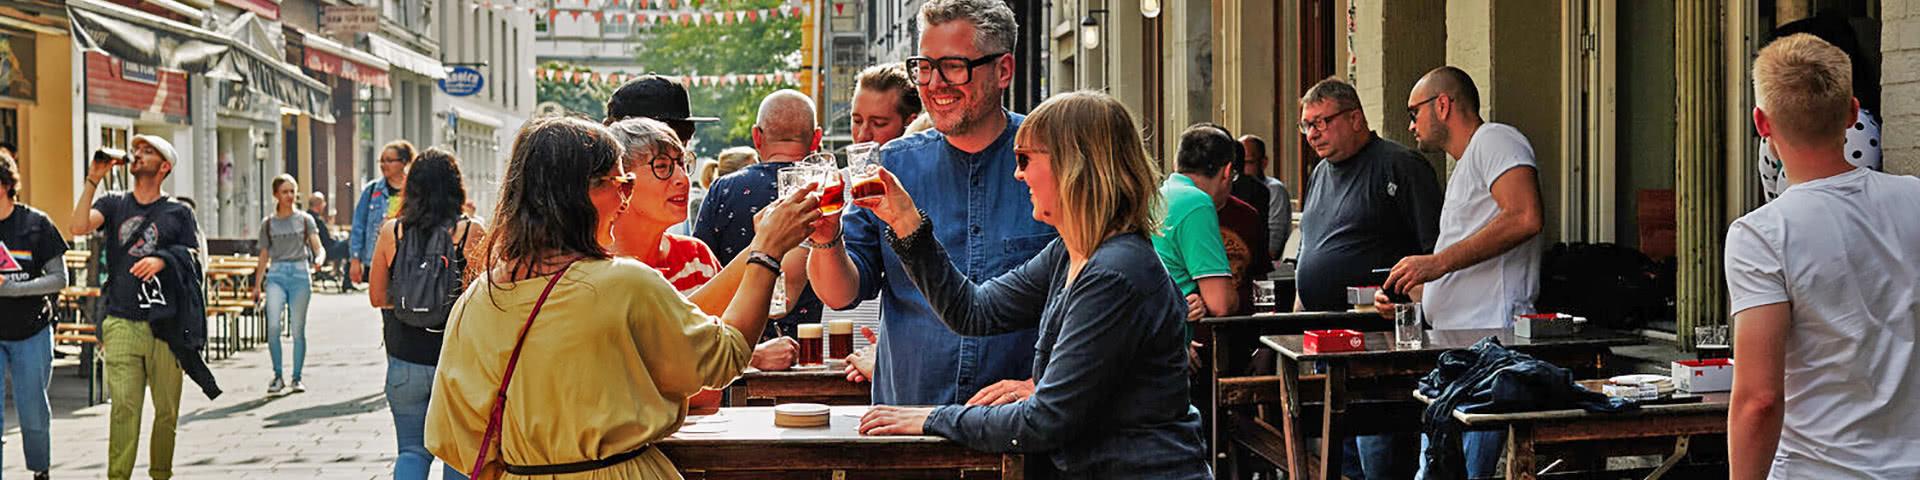 Gruppe stößt mit Altbier in der Düsseldorfer Altstadt an